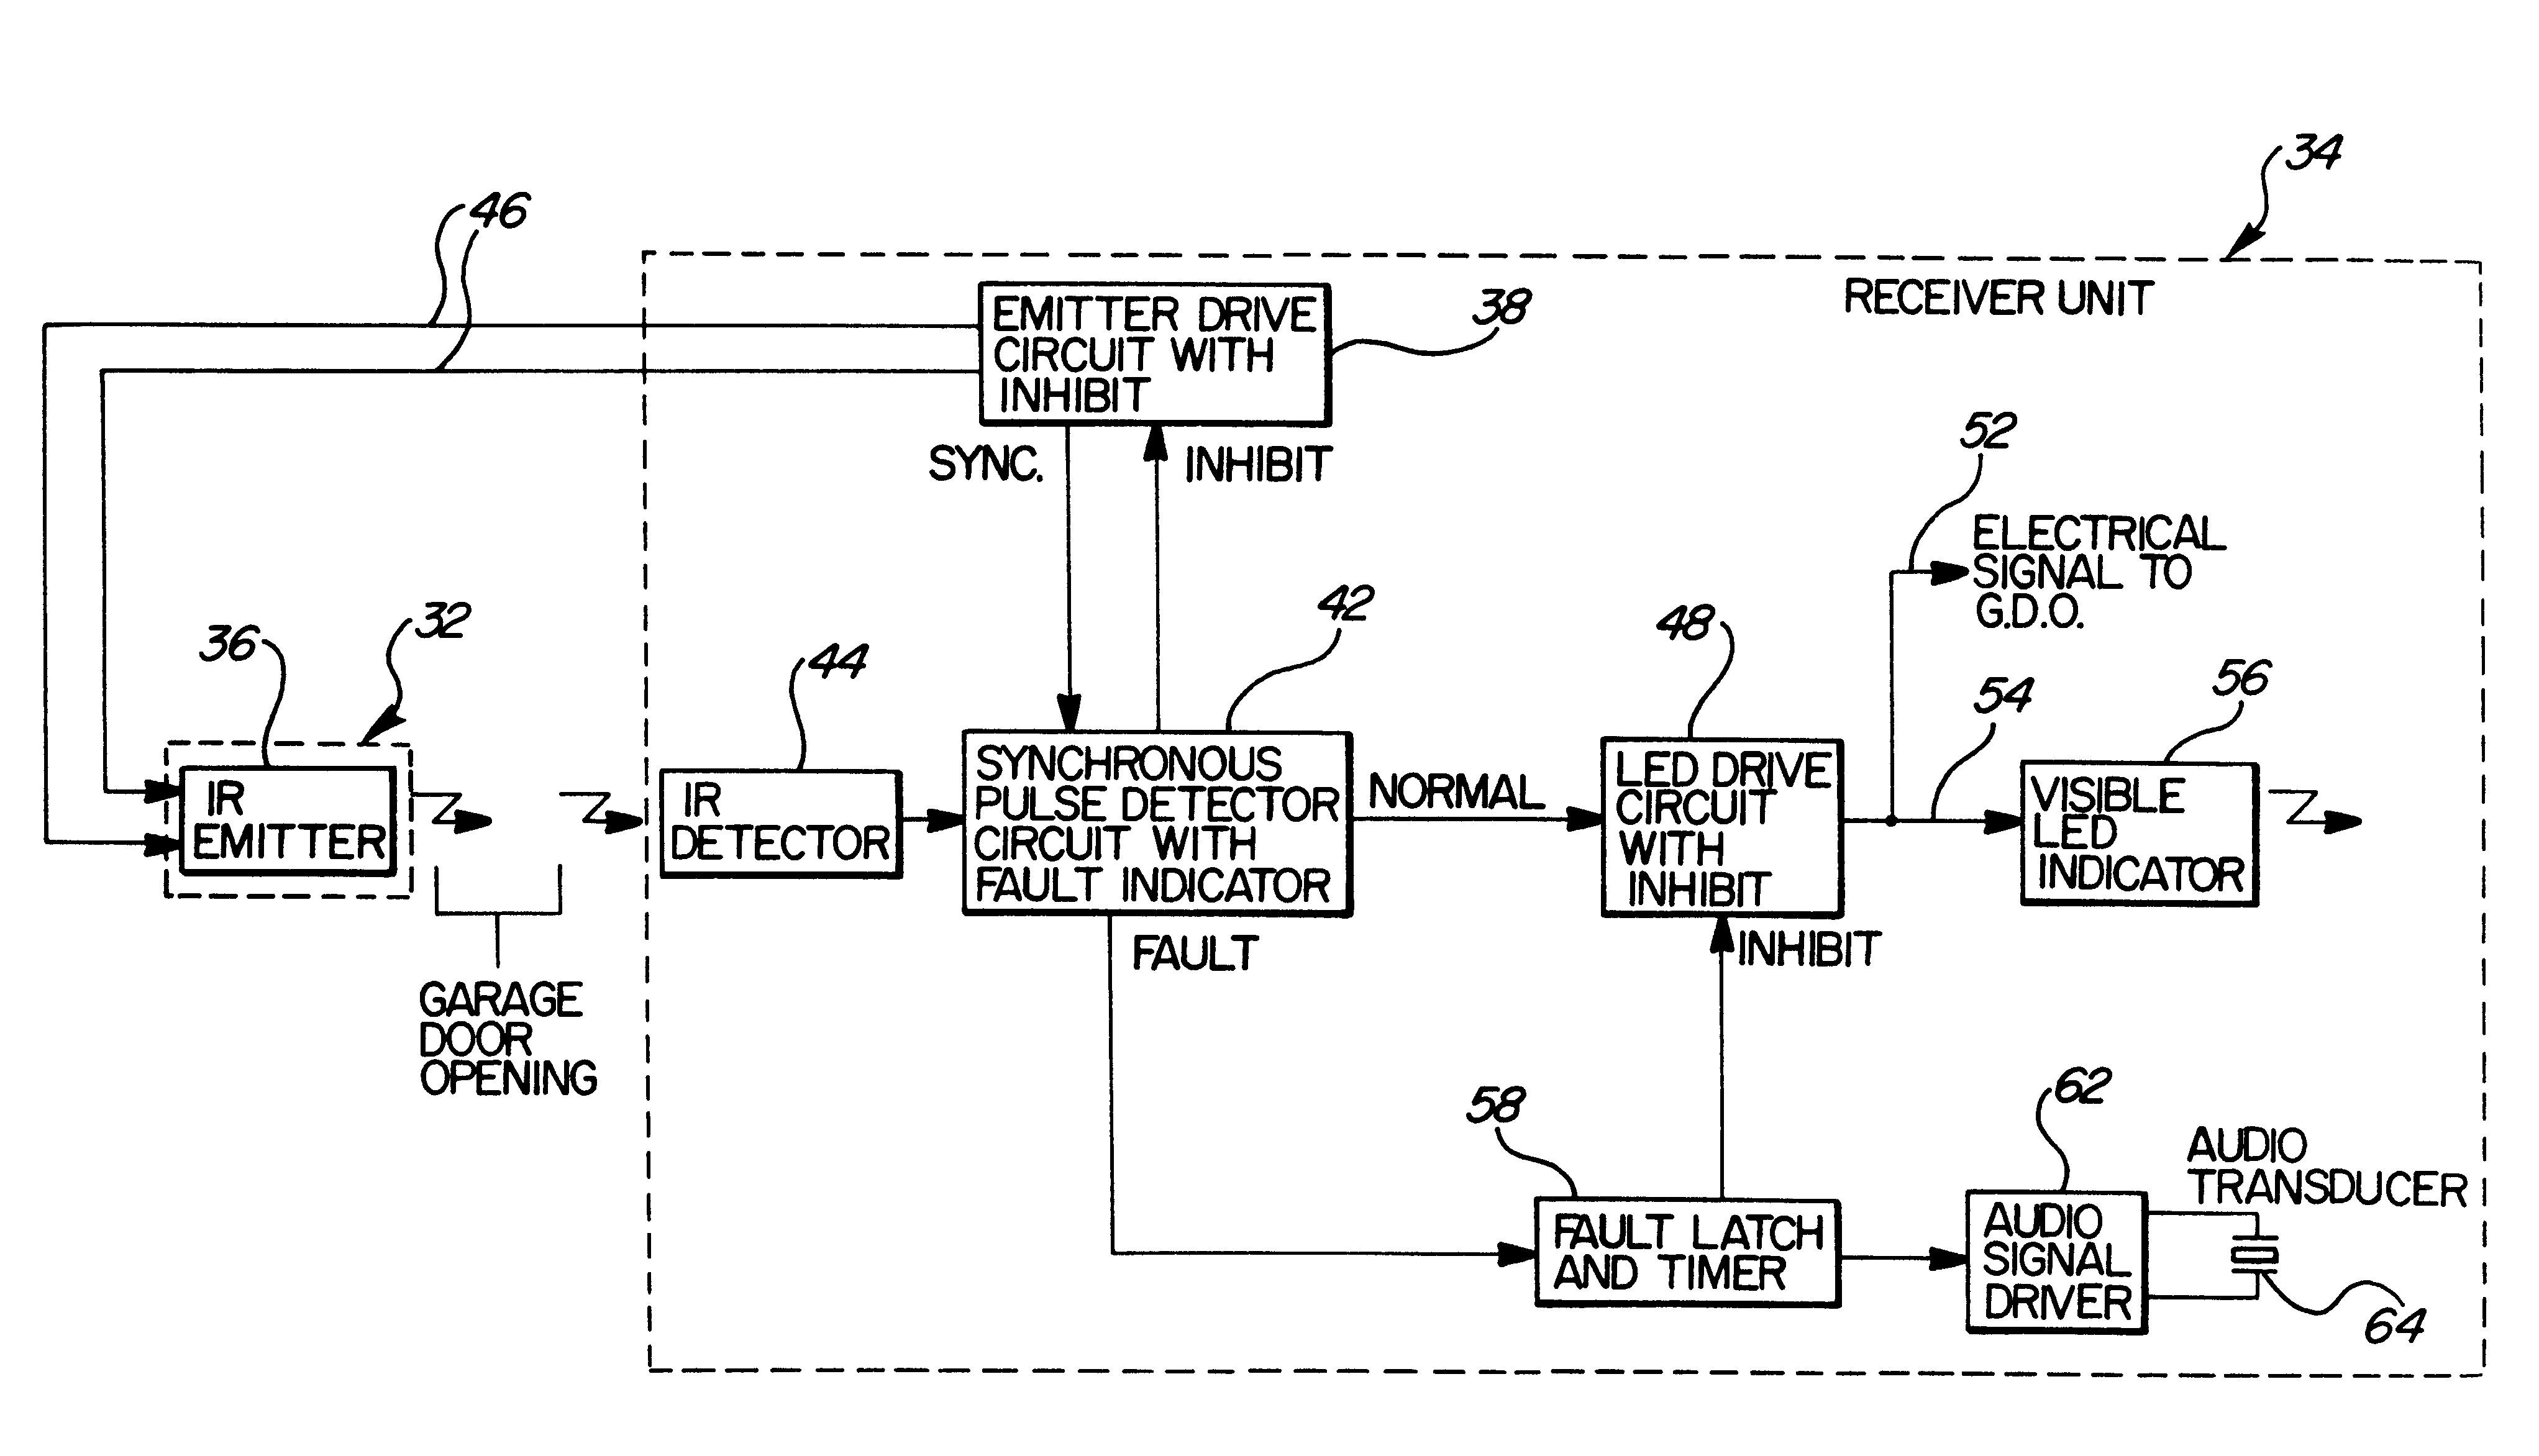 liftmaster garage door wiring diagram Collection-wiring a liftmaster garage door opener Collection Garage Receiver Wiring Diagram Diagrams Schematics In Liftmaster 5-s